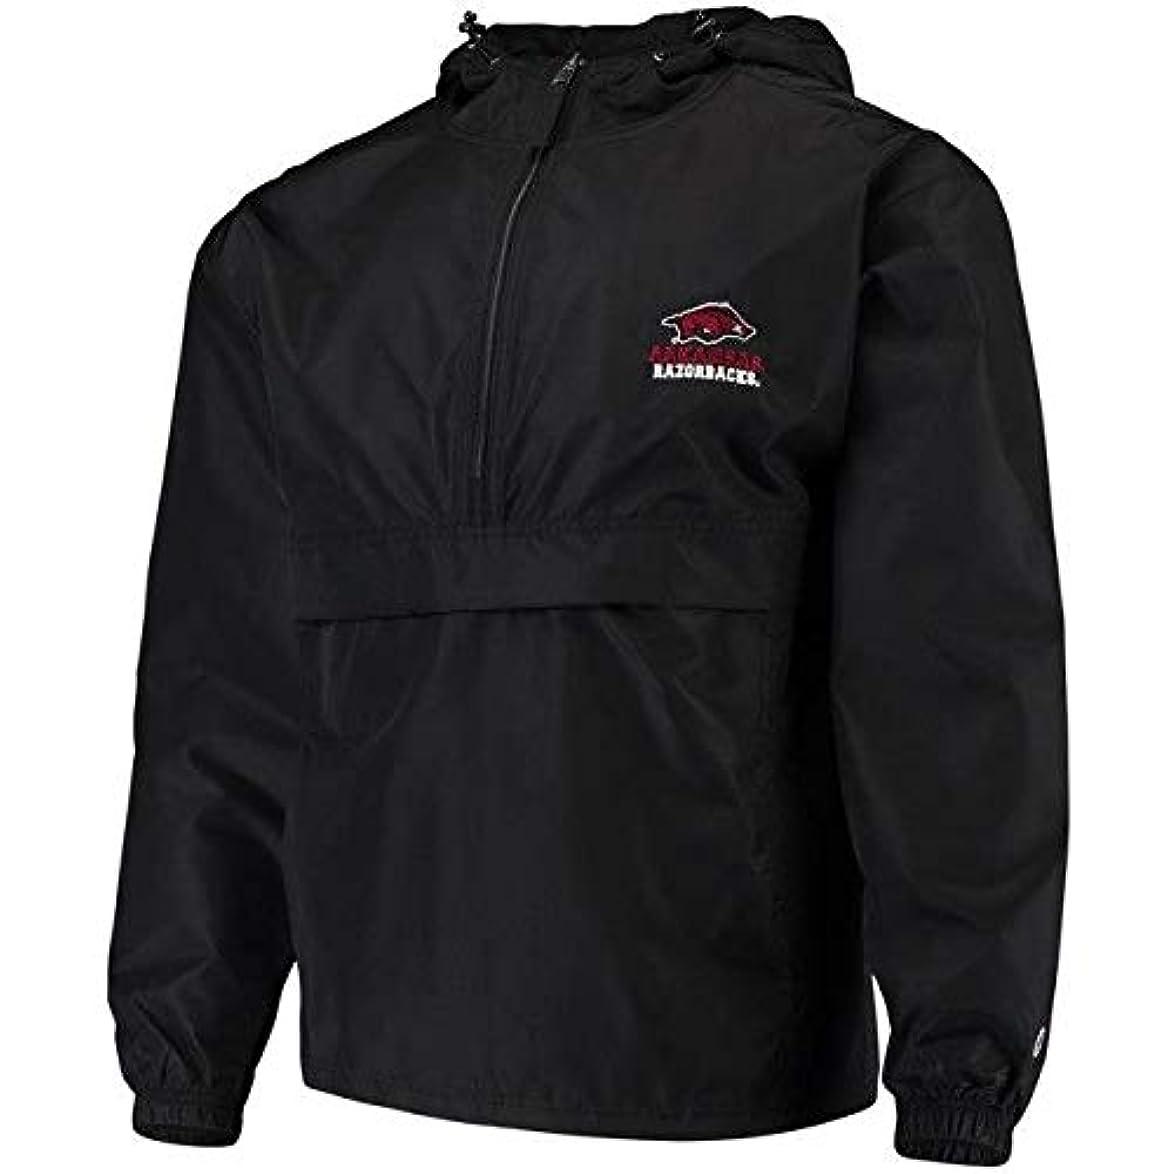 魂先史時代の花束Champion Champion Arkansas Razorbacks Black Packable Jacket スポーツ用品 【並行輸入品】